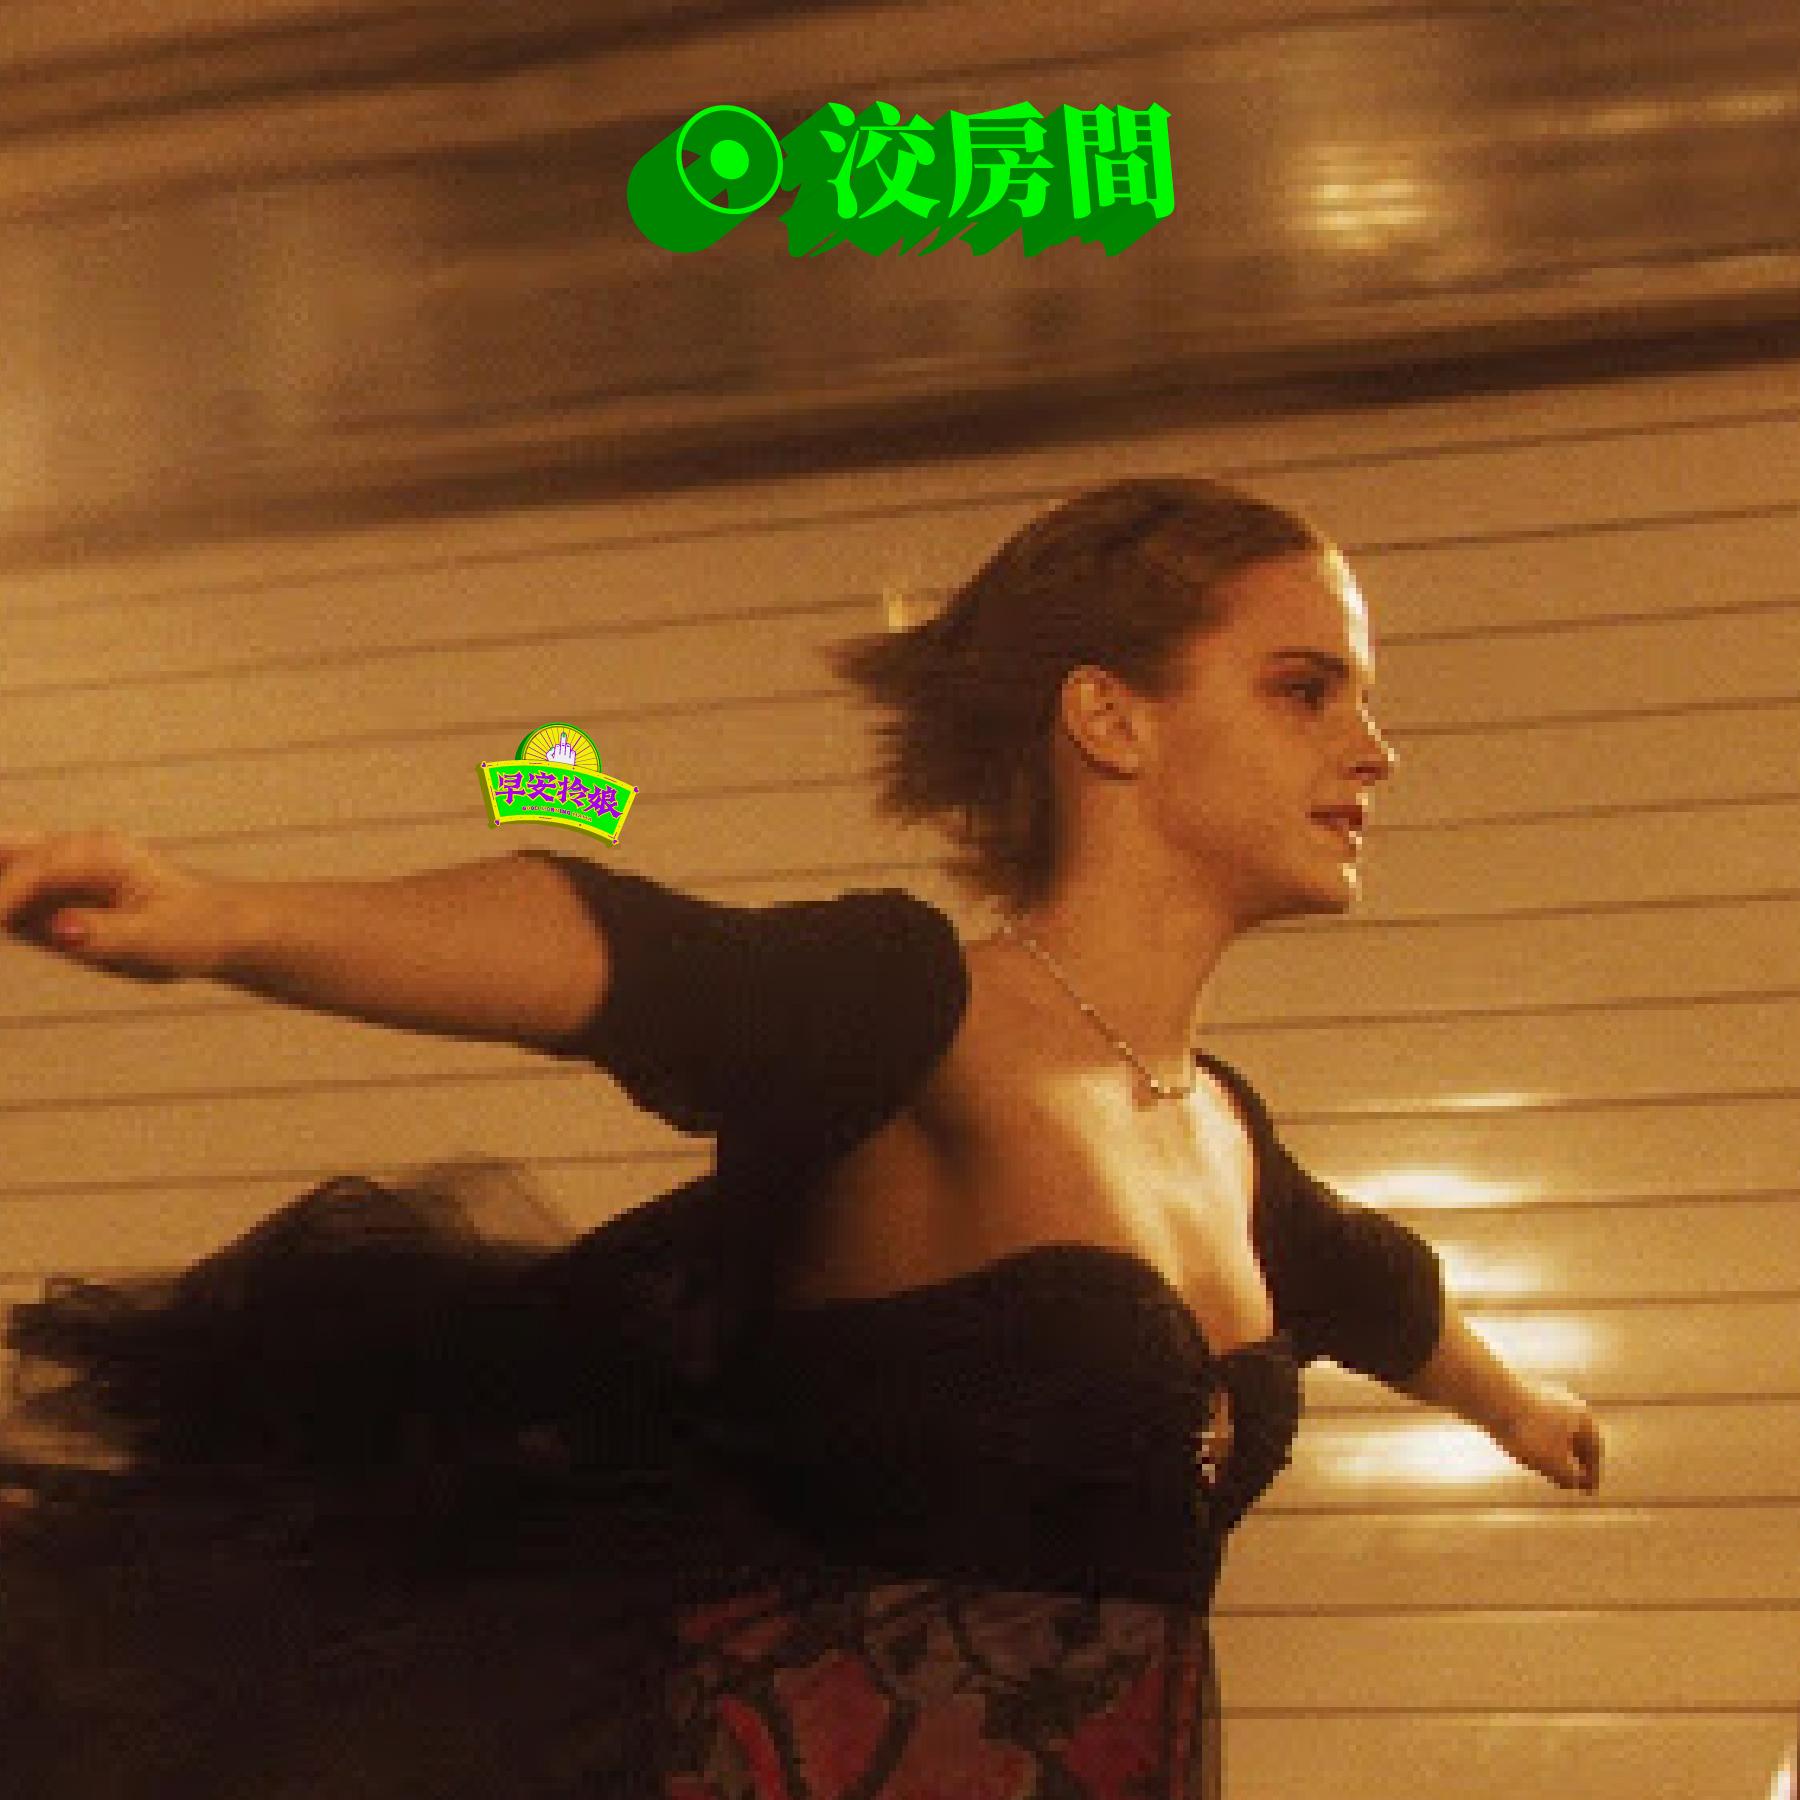 #27 觀影 《壁花男孩》此生必看,性侵與性愛、自殺與自愛 ft. Awee (✽・・)ノ(._.✽)